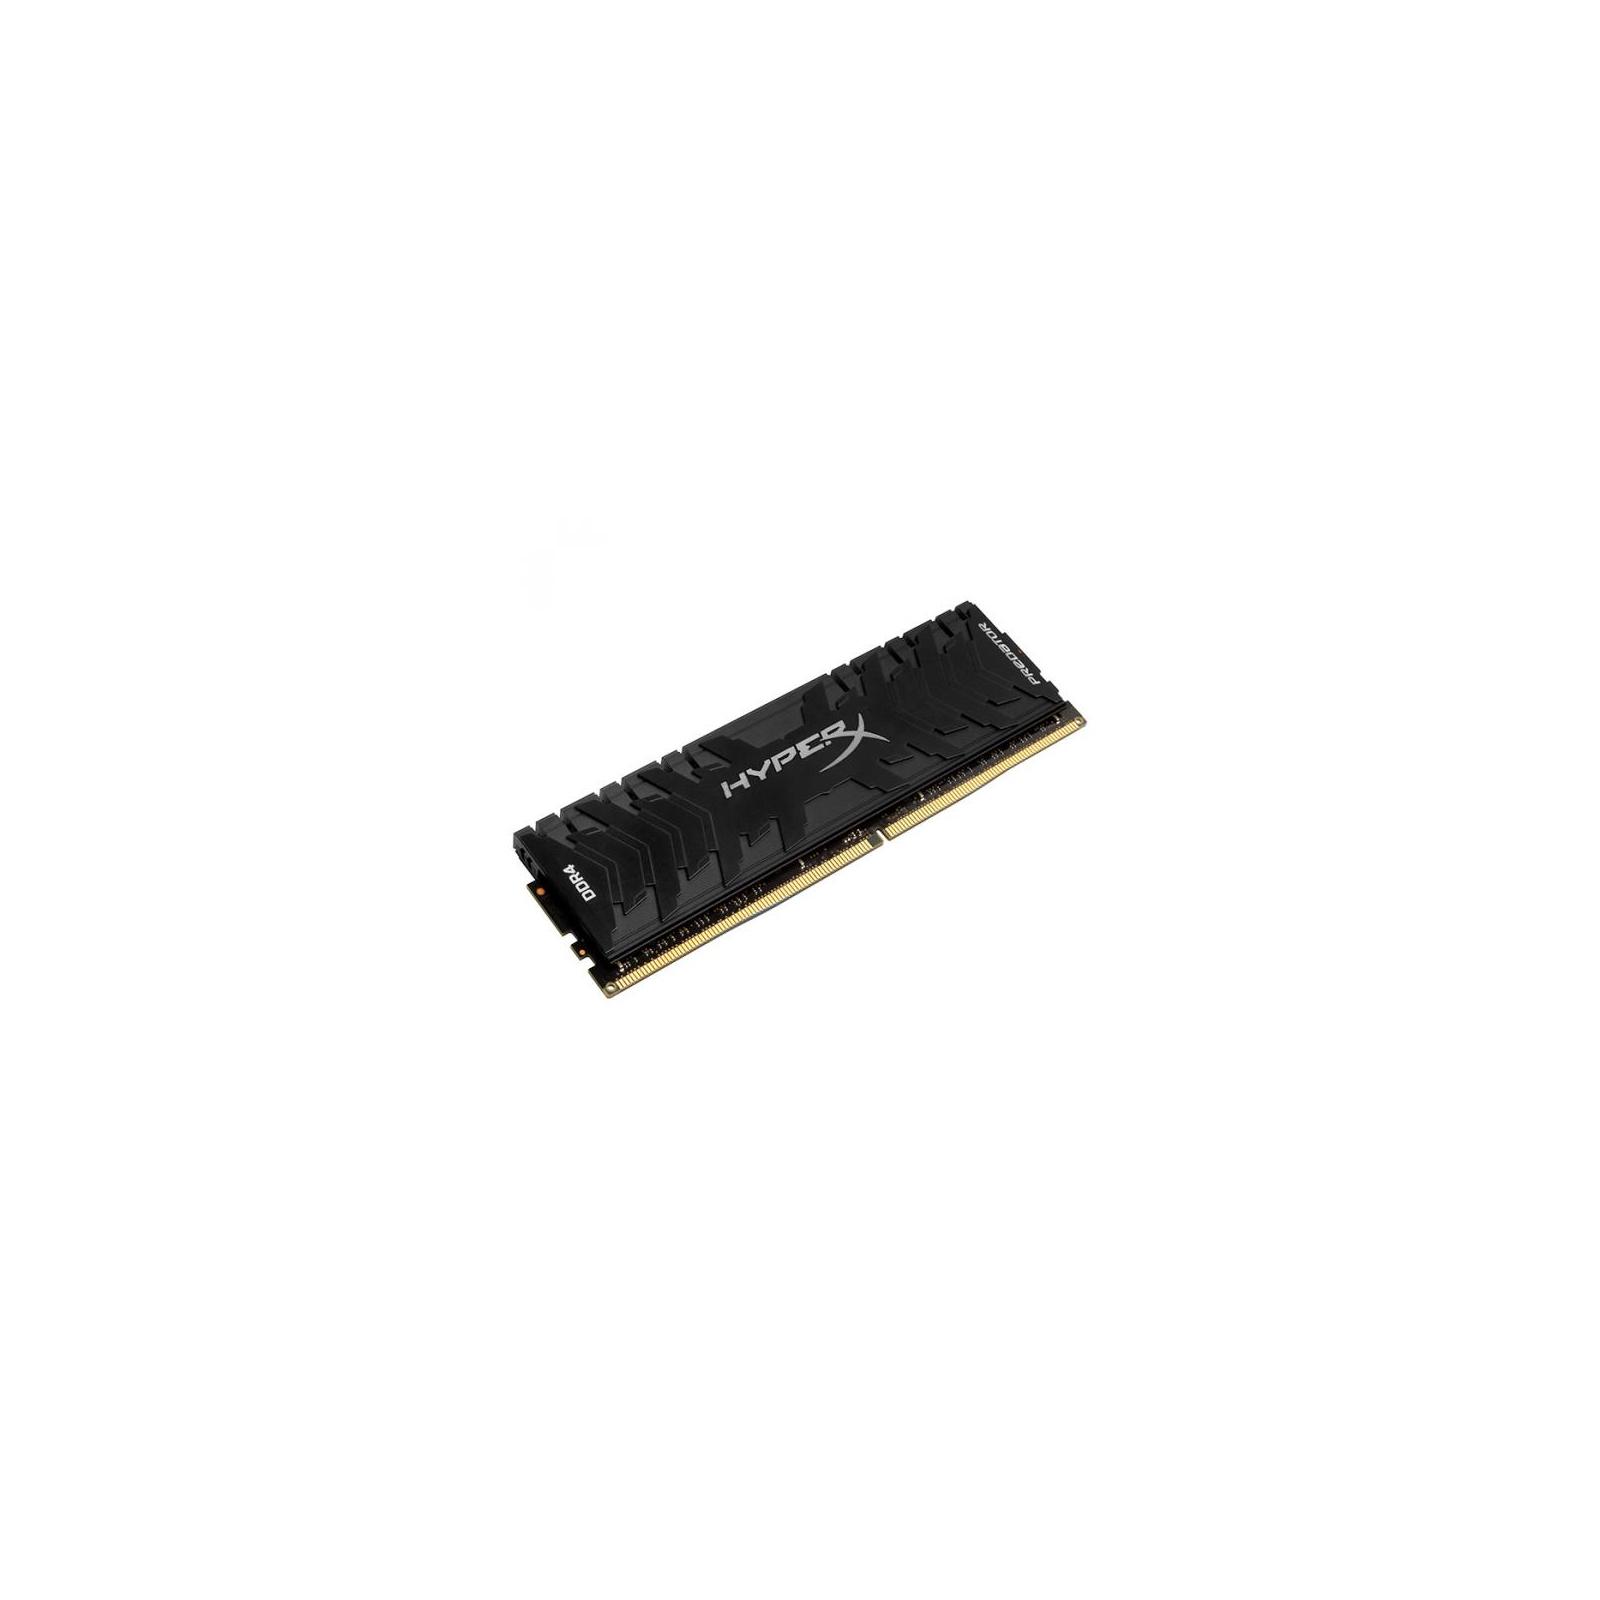 Модуль пам'яті для комп'ютера DDR4 8GB 3000 MHz HyperX Predator HyperX (Kingston Fury) (HX430C15PB3/8) зображення 2